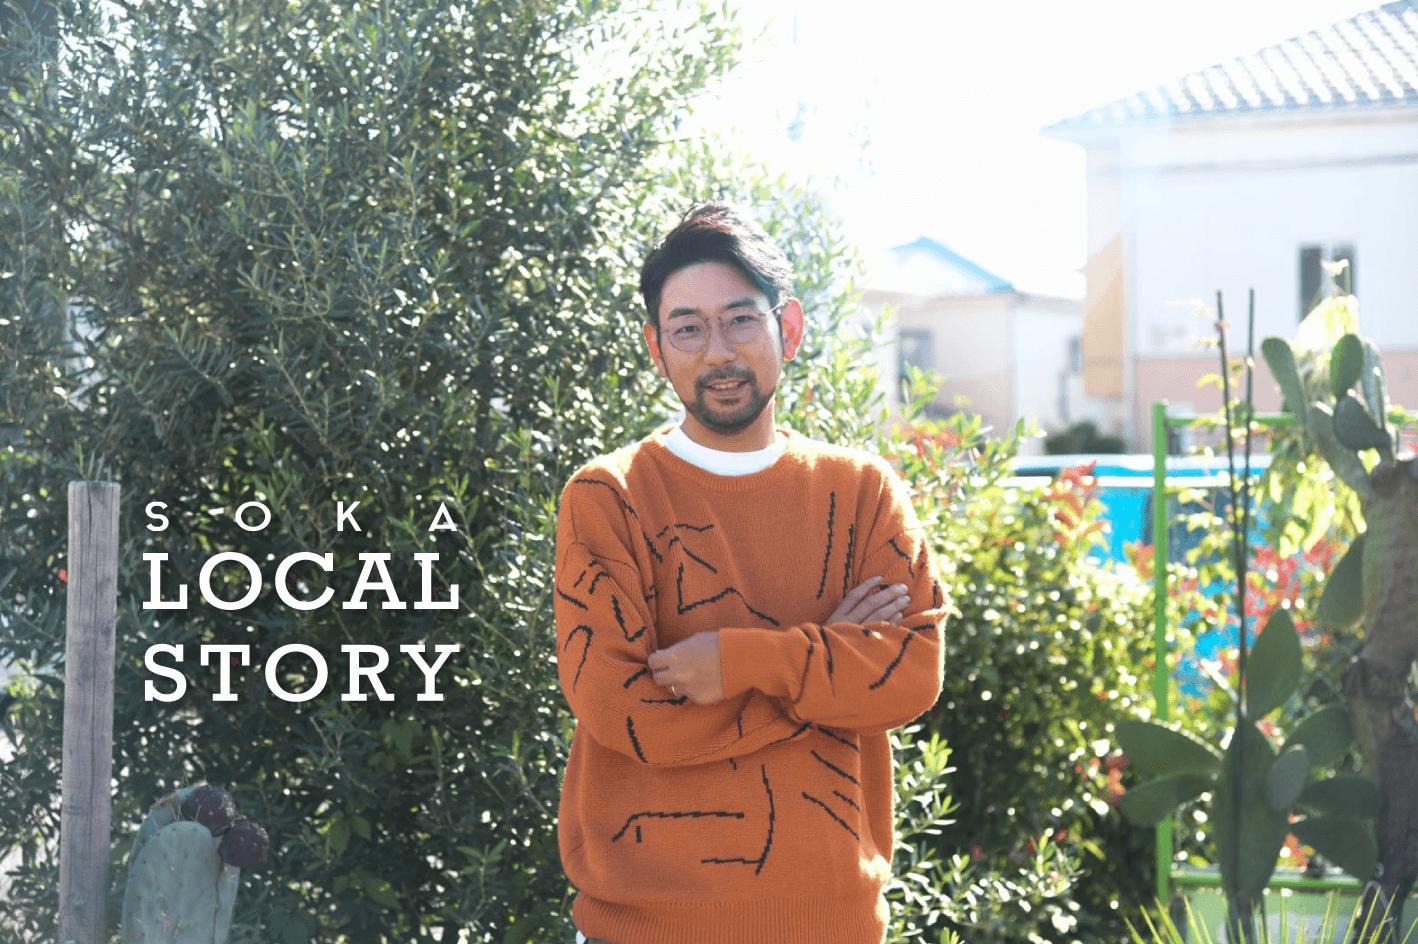 ローカルWEBメディア・地域サイト 草加ローカルストーリー 岡田俊樹さん トップ写真